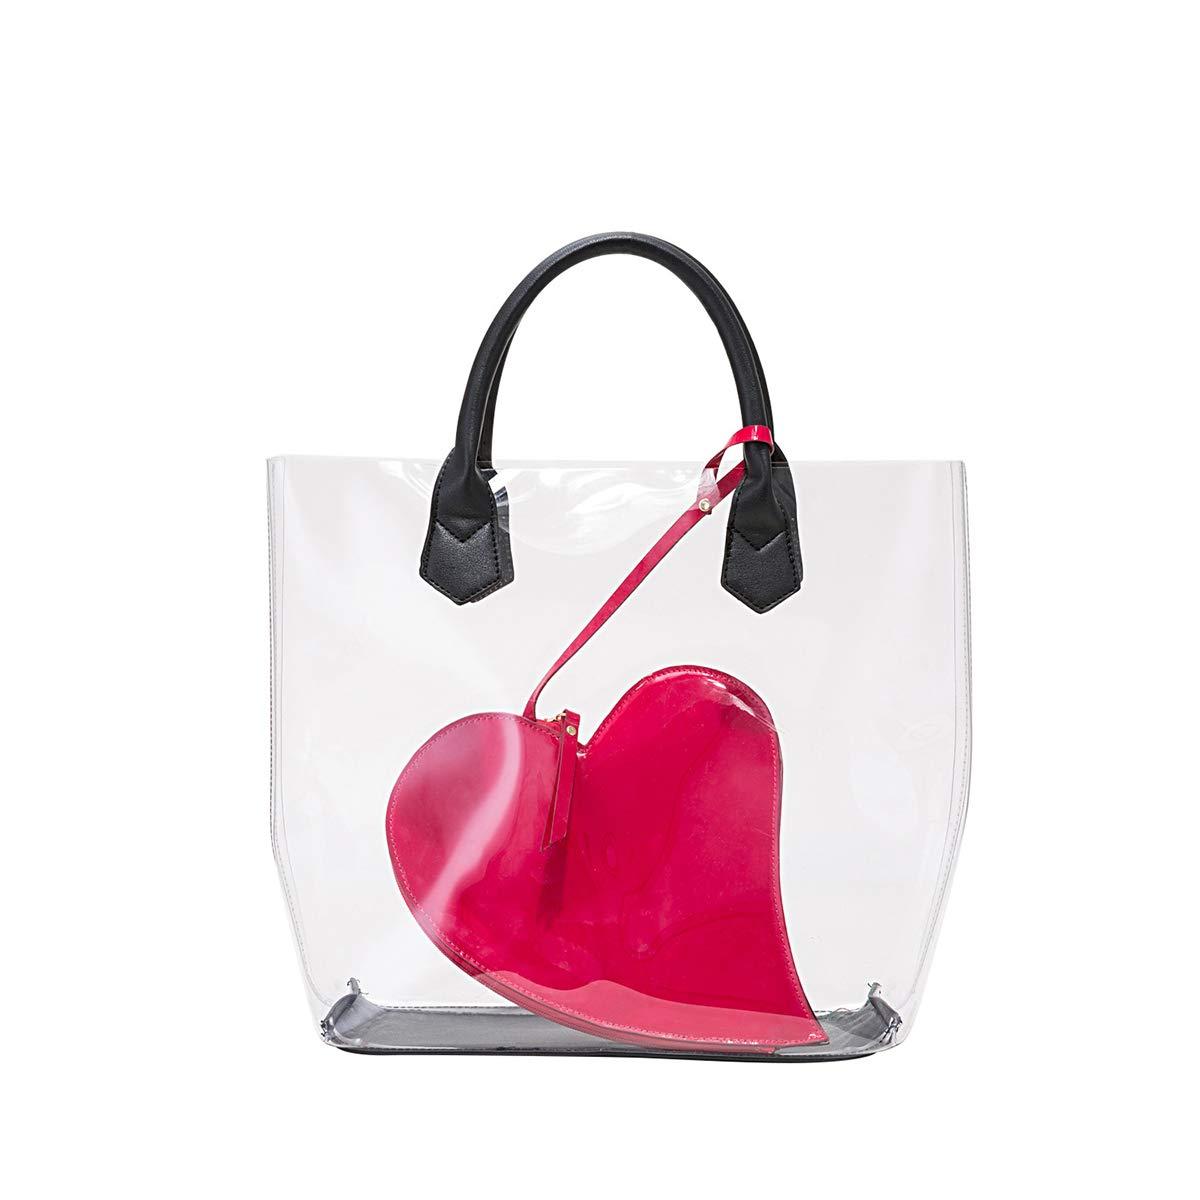 Original bolso transparente con bolsa interior en forma decorazón. Opción diseño de piña y labios.